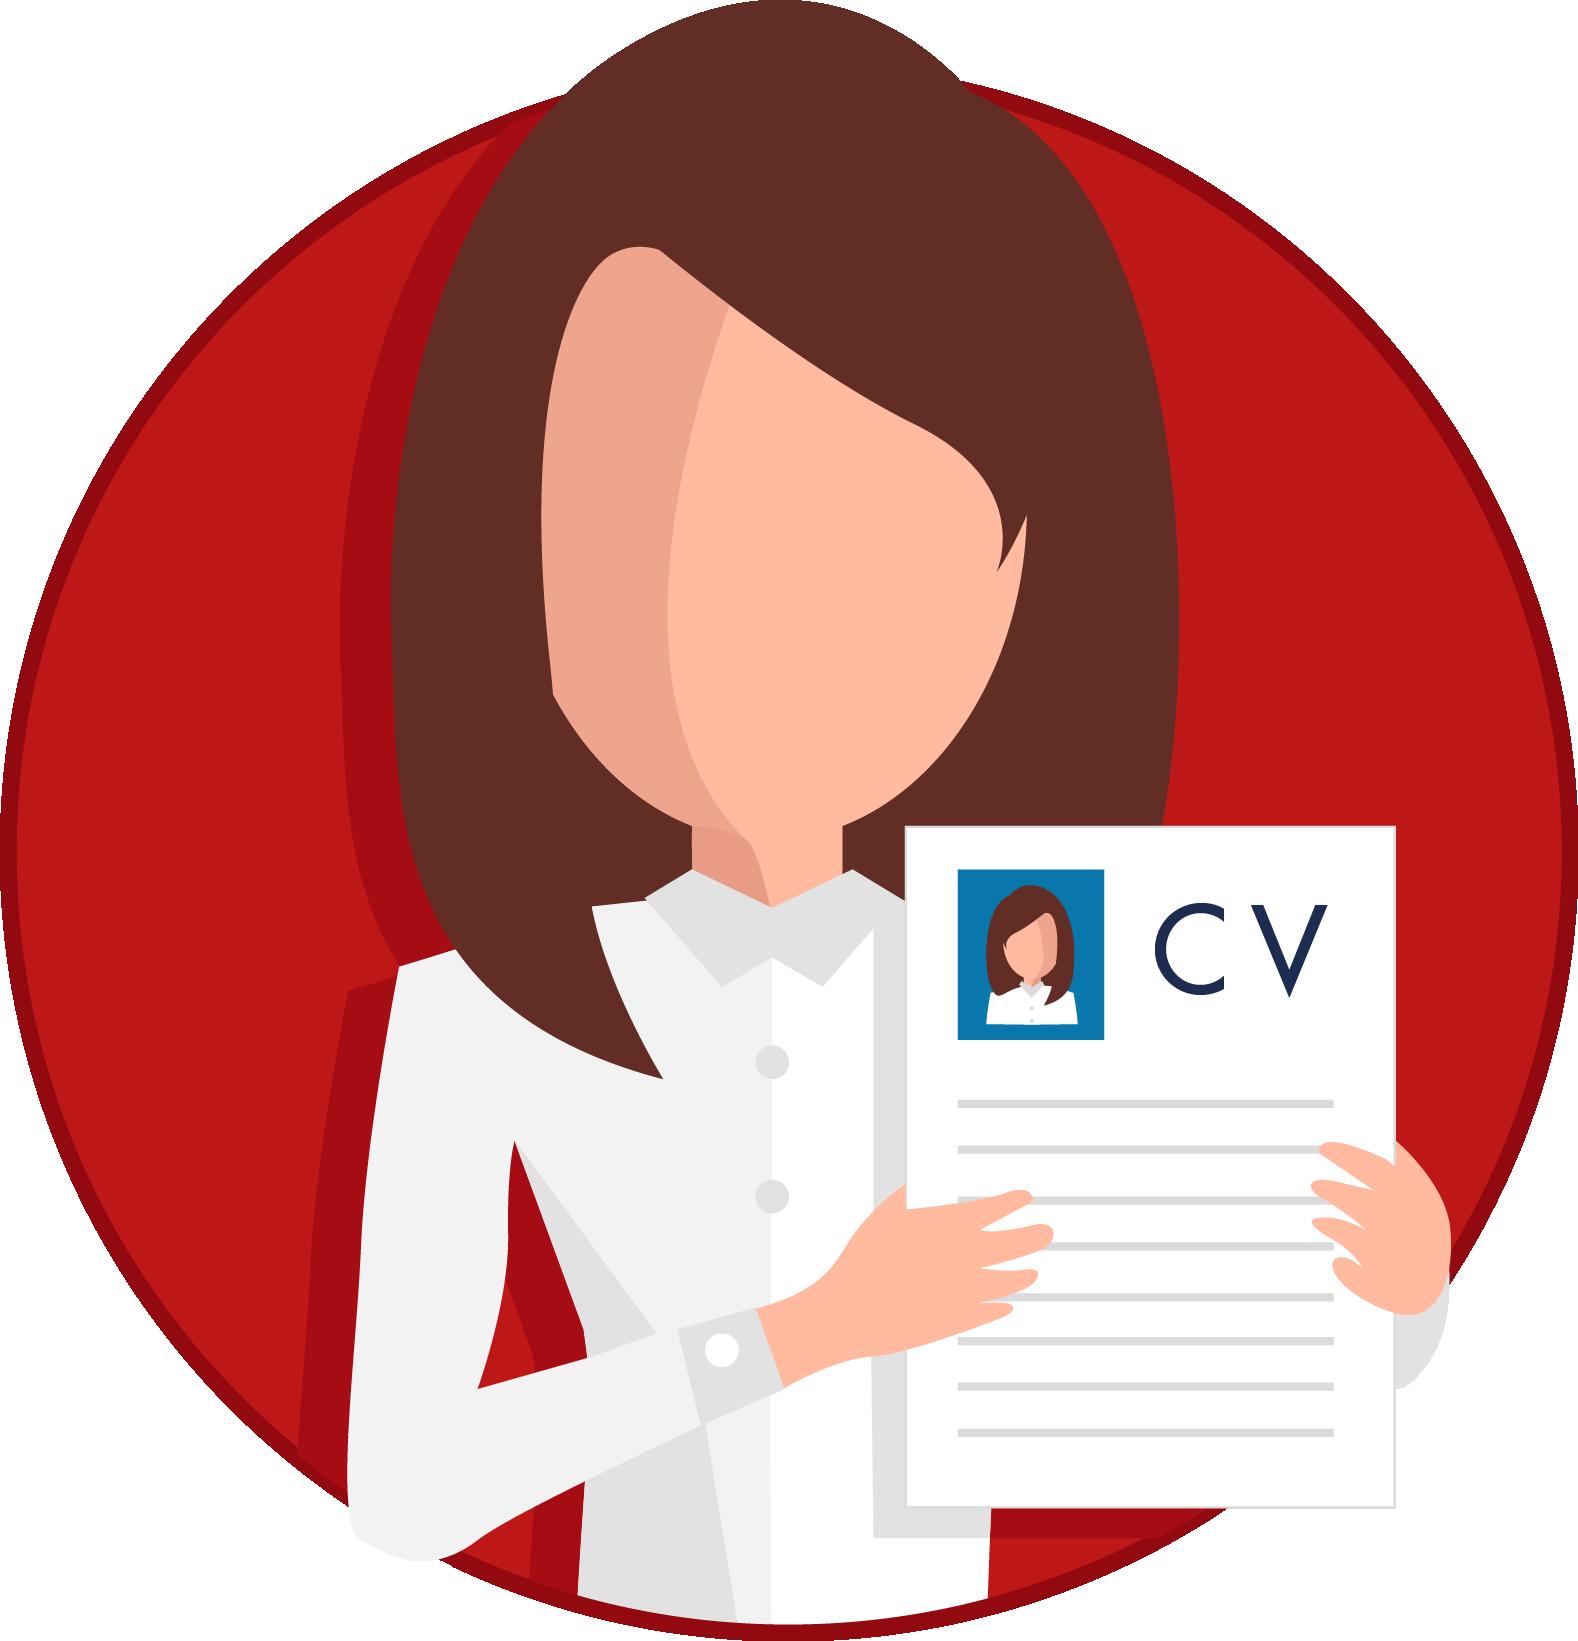 cv_PNG1 Vita Resume Format on best cv format, curriculum vitae cv format, vita wallpaper, curriculum vitae sample format, cv writing format, example of curriculum vitae format, professional curriculum vitae format, vita vs vitae, vita vs. resume,